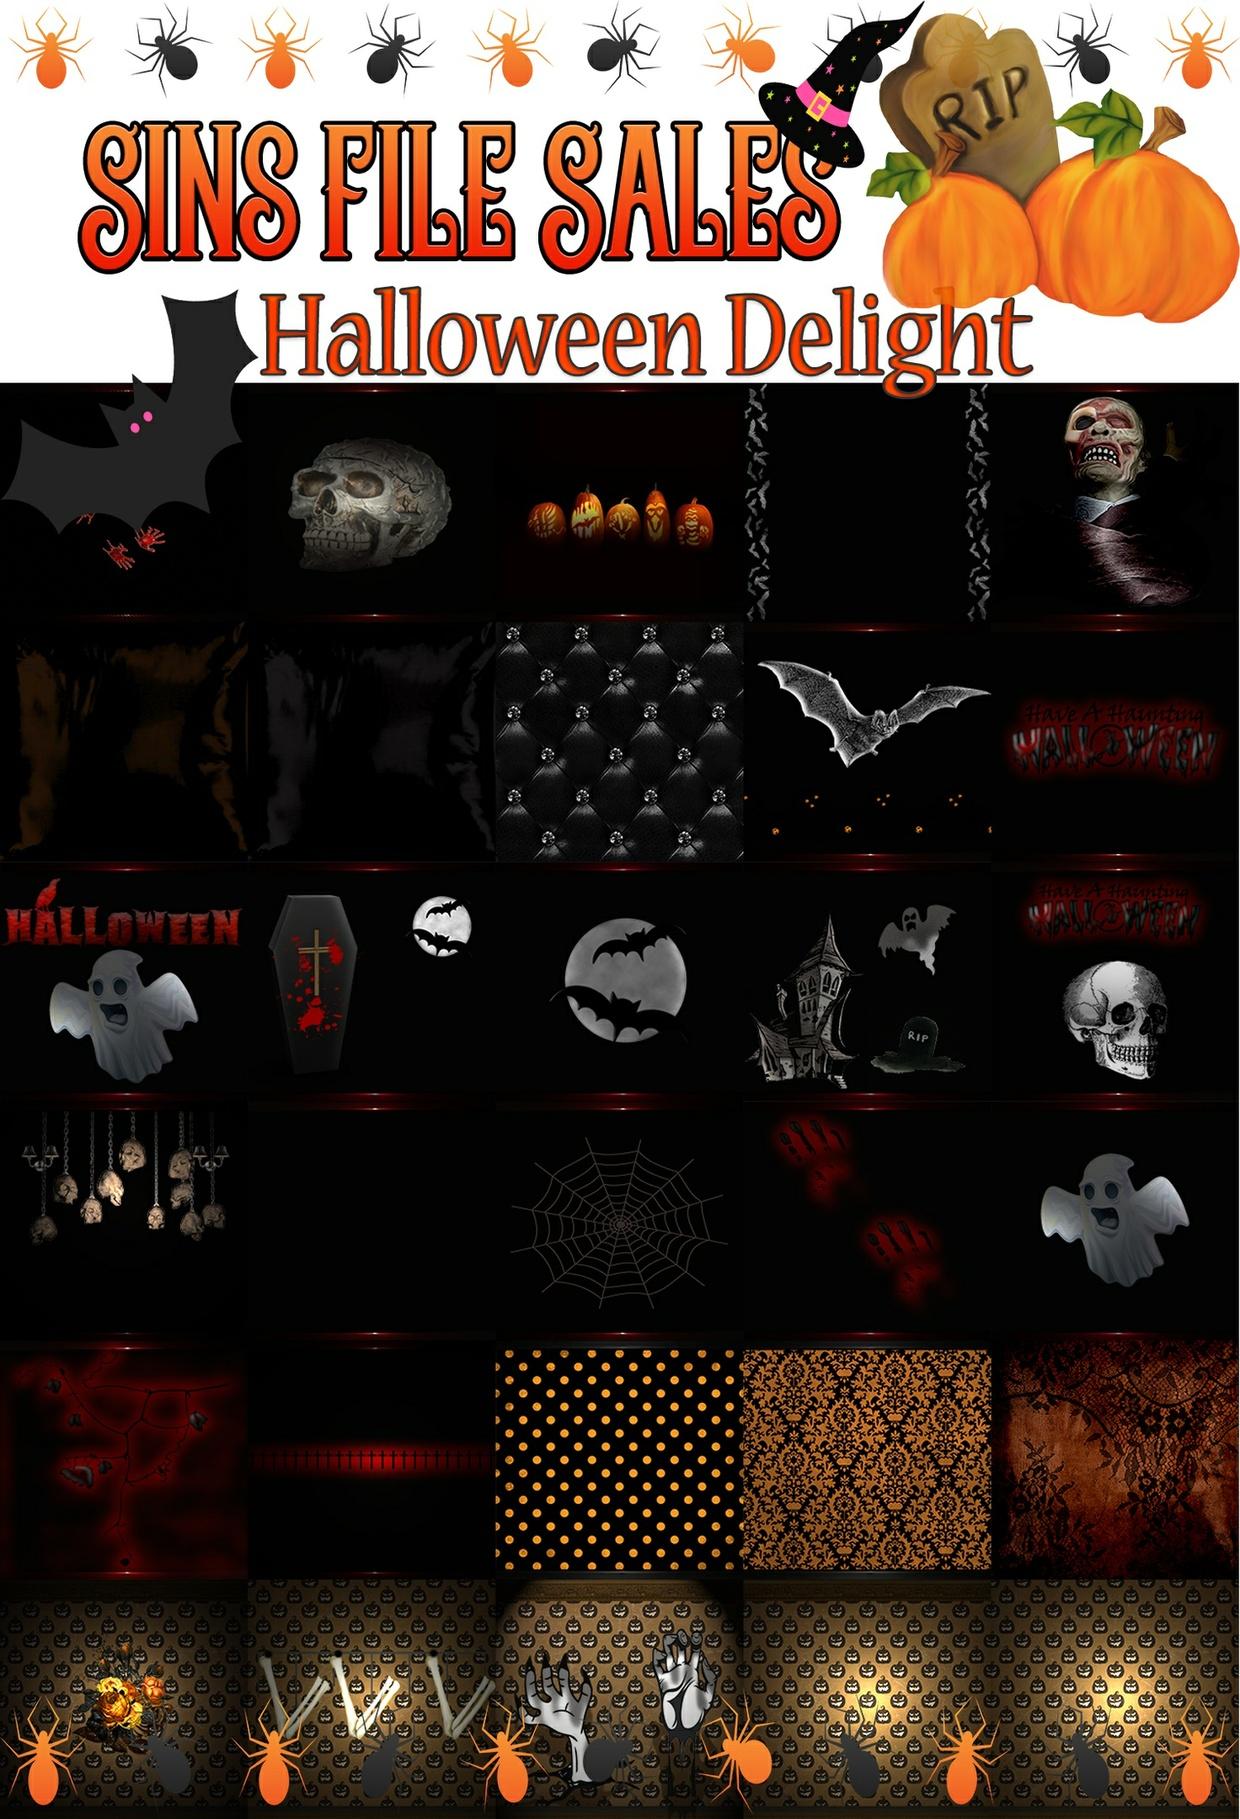 Halloween Delight Texture Pack